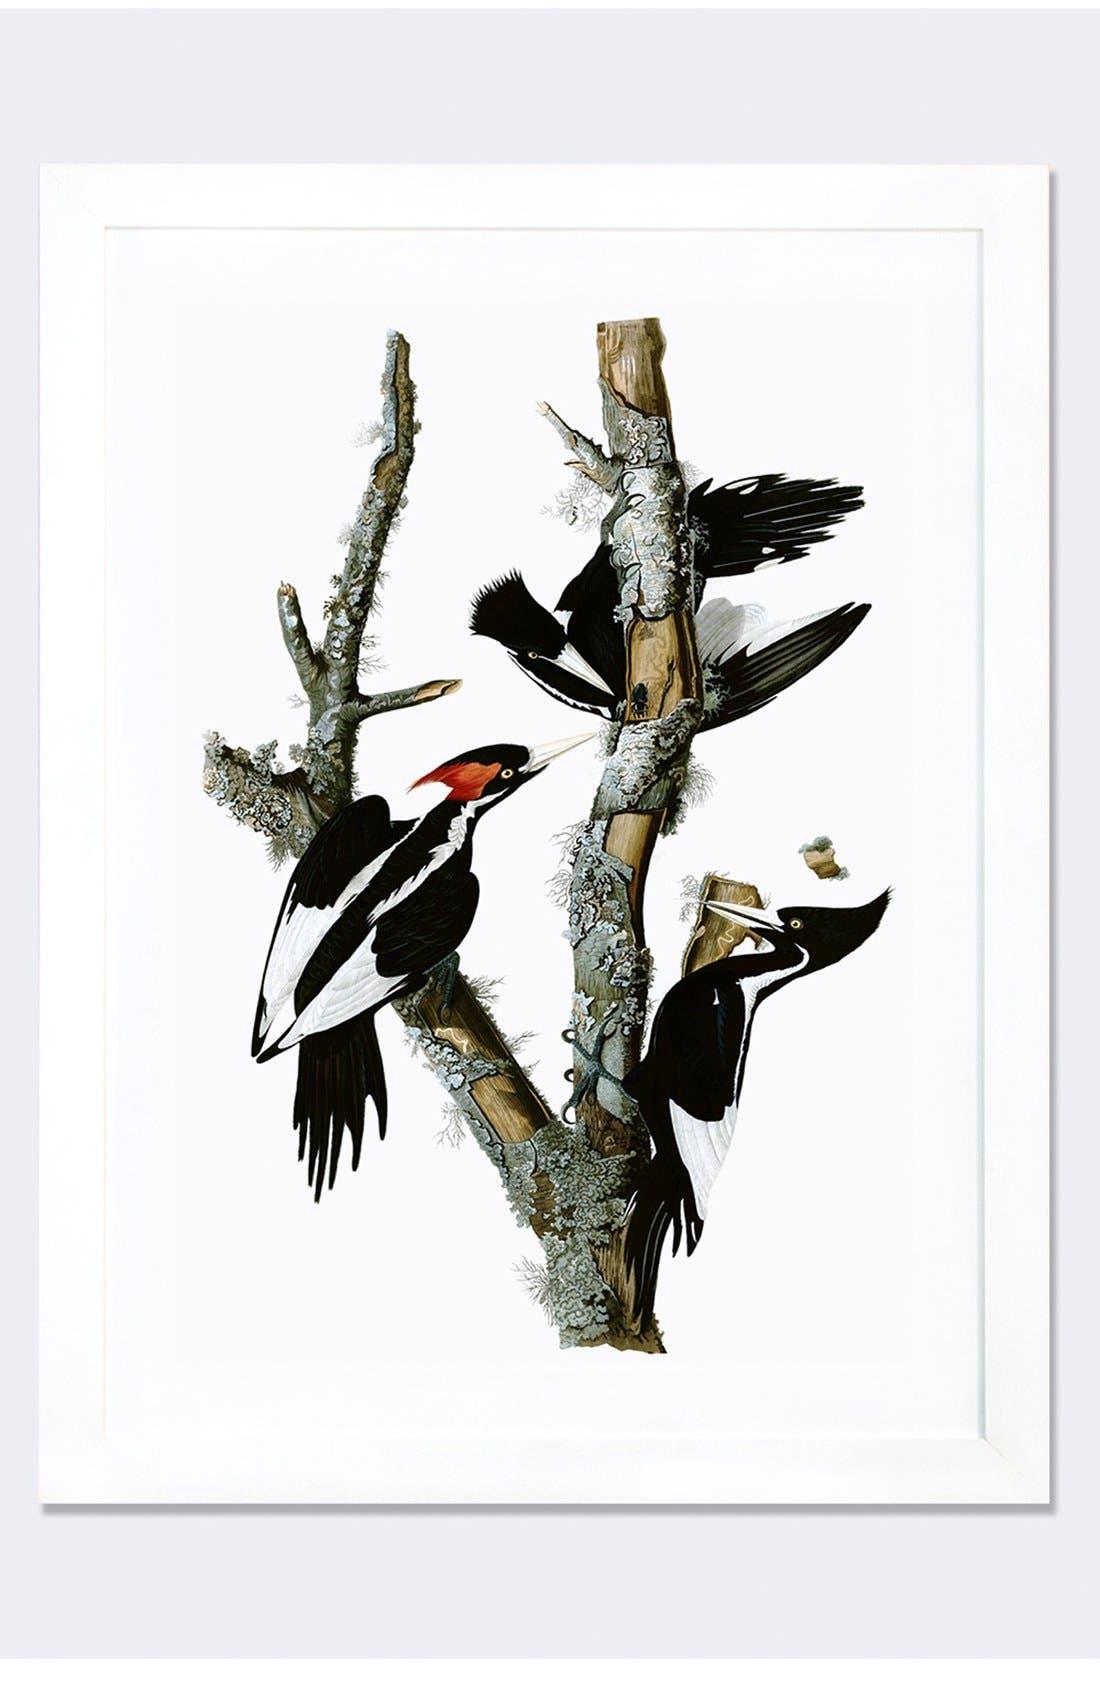 'Ivory Billed Woodpecker' Framed Fine Art Print,                             Main thumbnail 1, color,                             WHITE